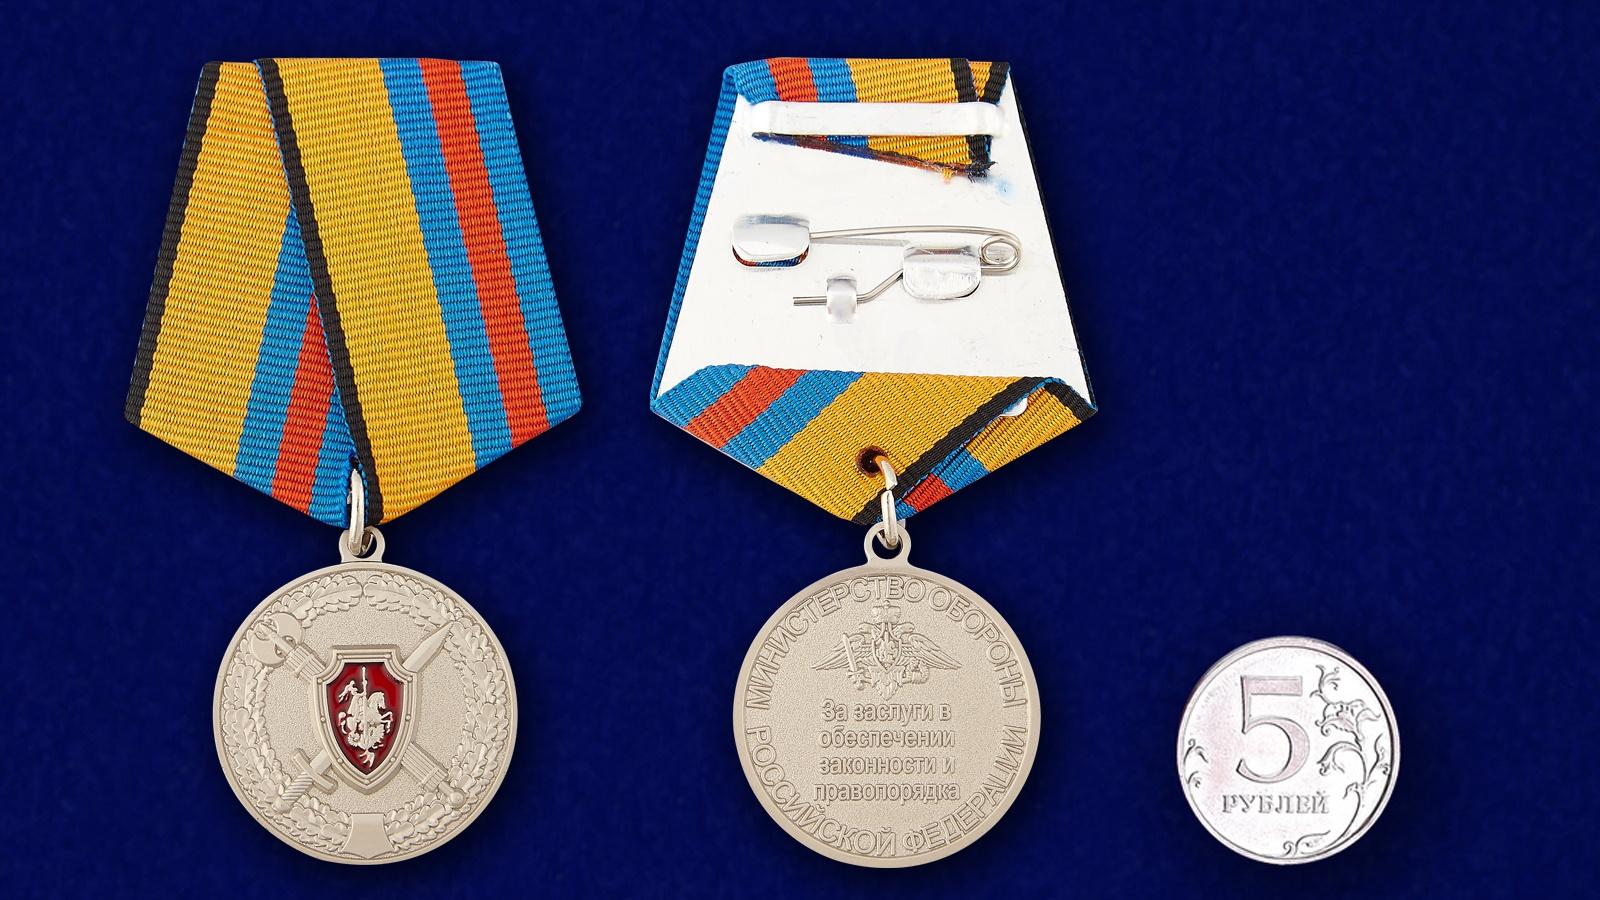 Фото медали за заслуги в учении 2014 в г.зернограде 6